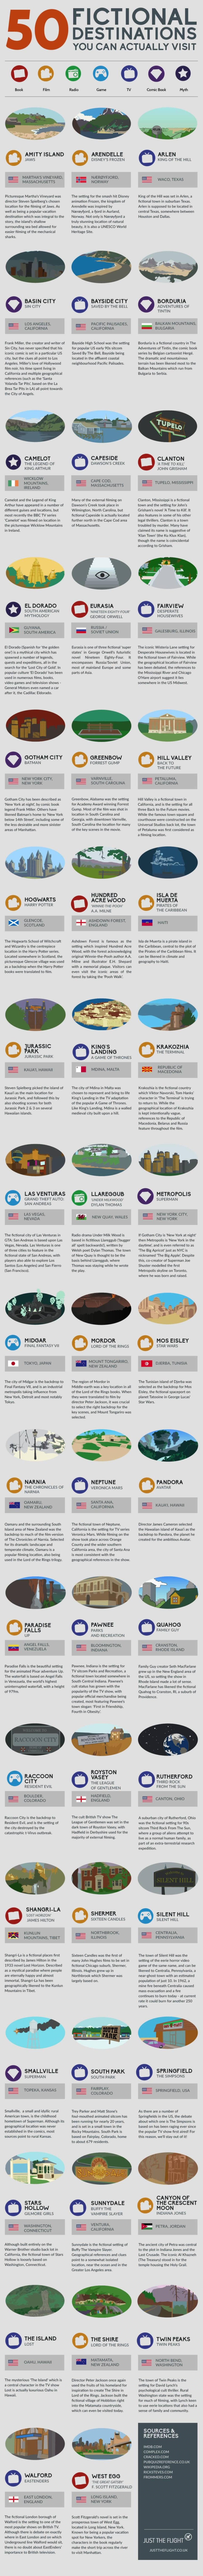 50 destinos de ficción que puedes visitar